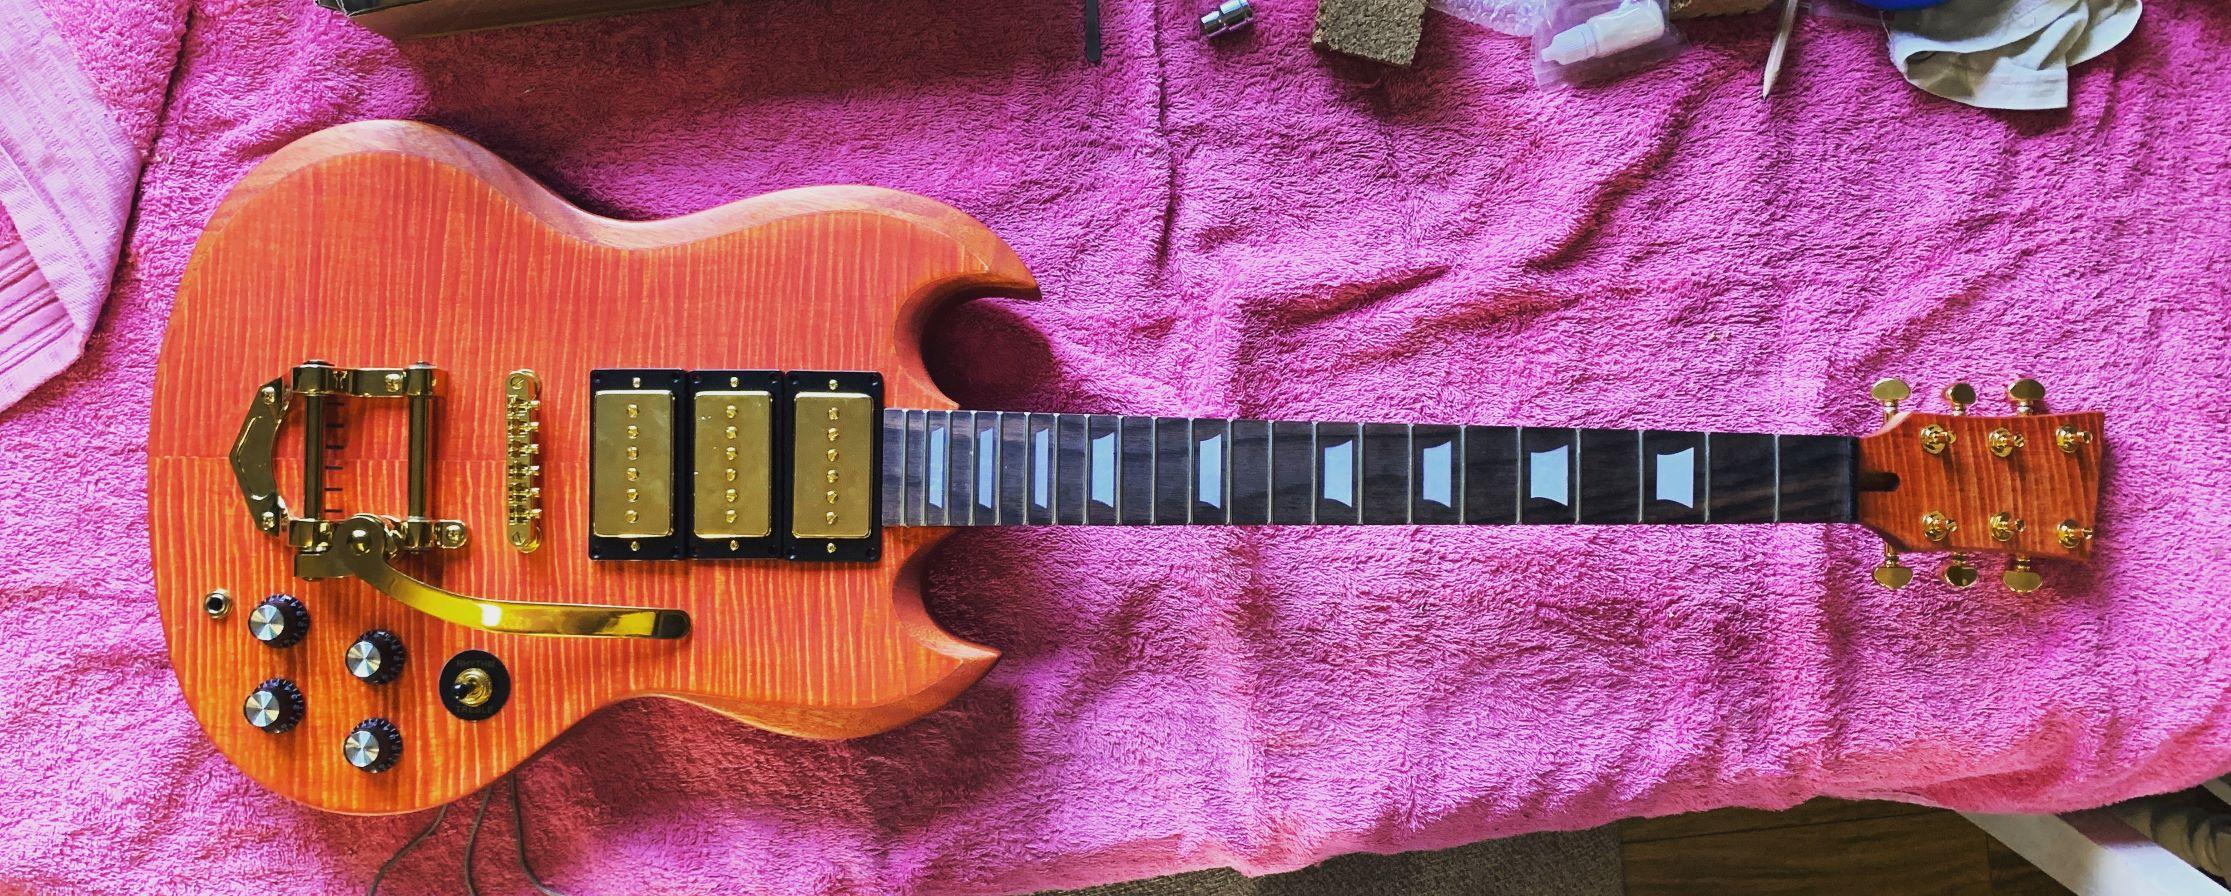 My new guitar – 1961 Gibson SG Custom-style build